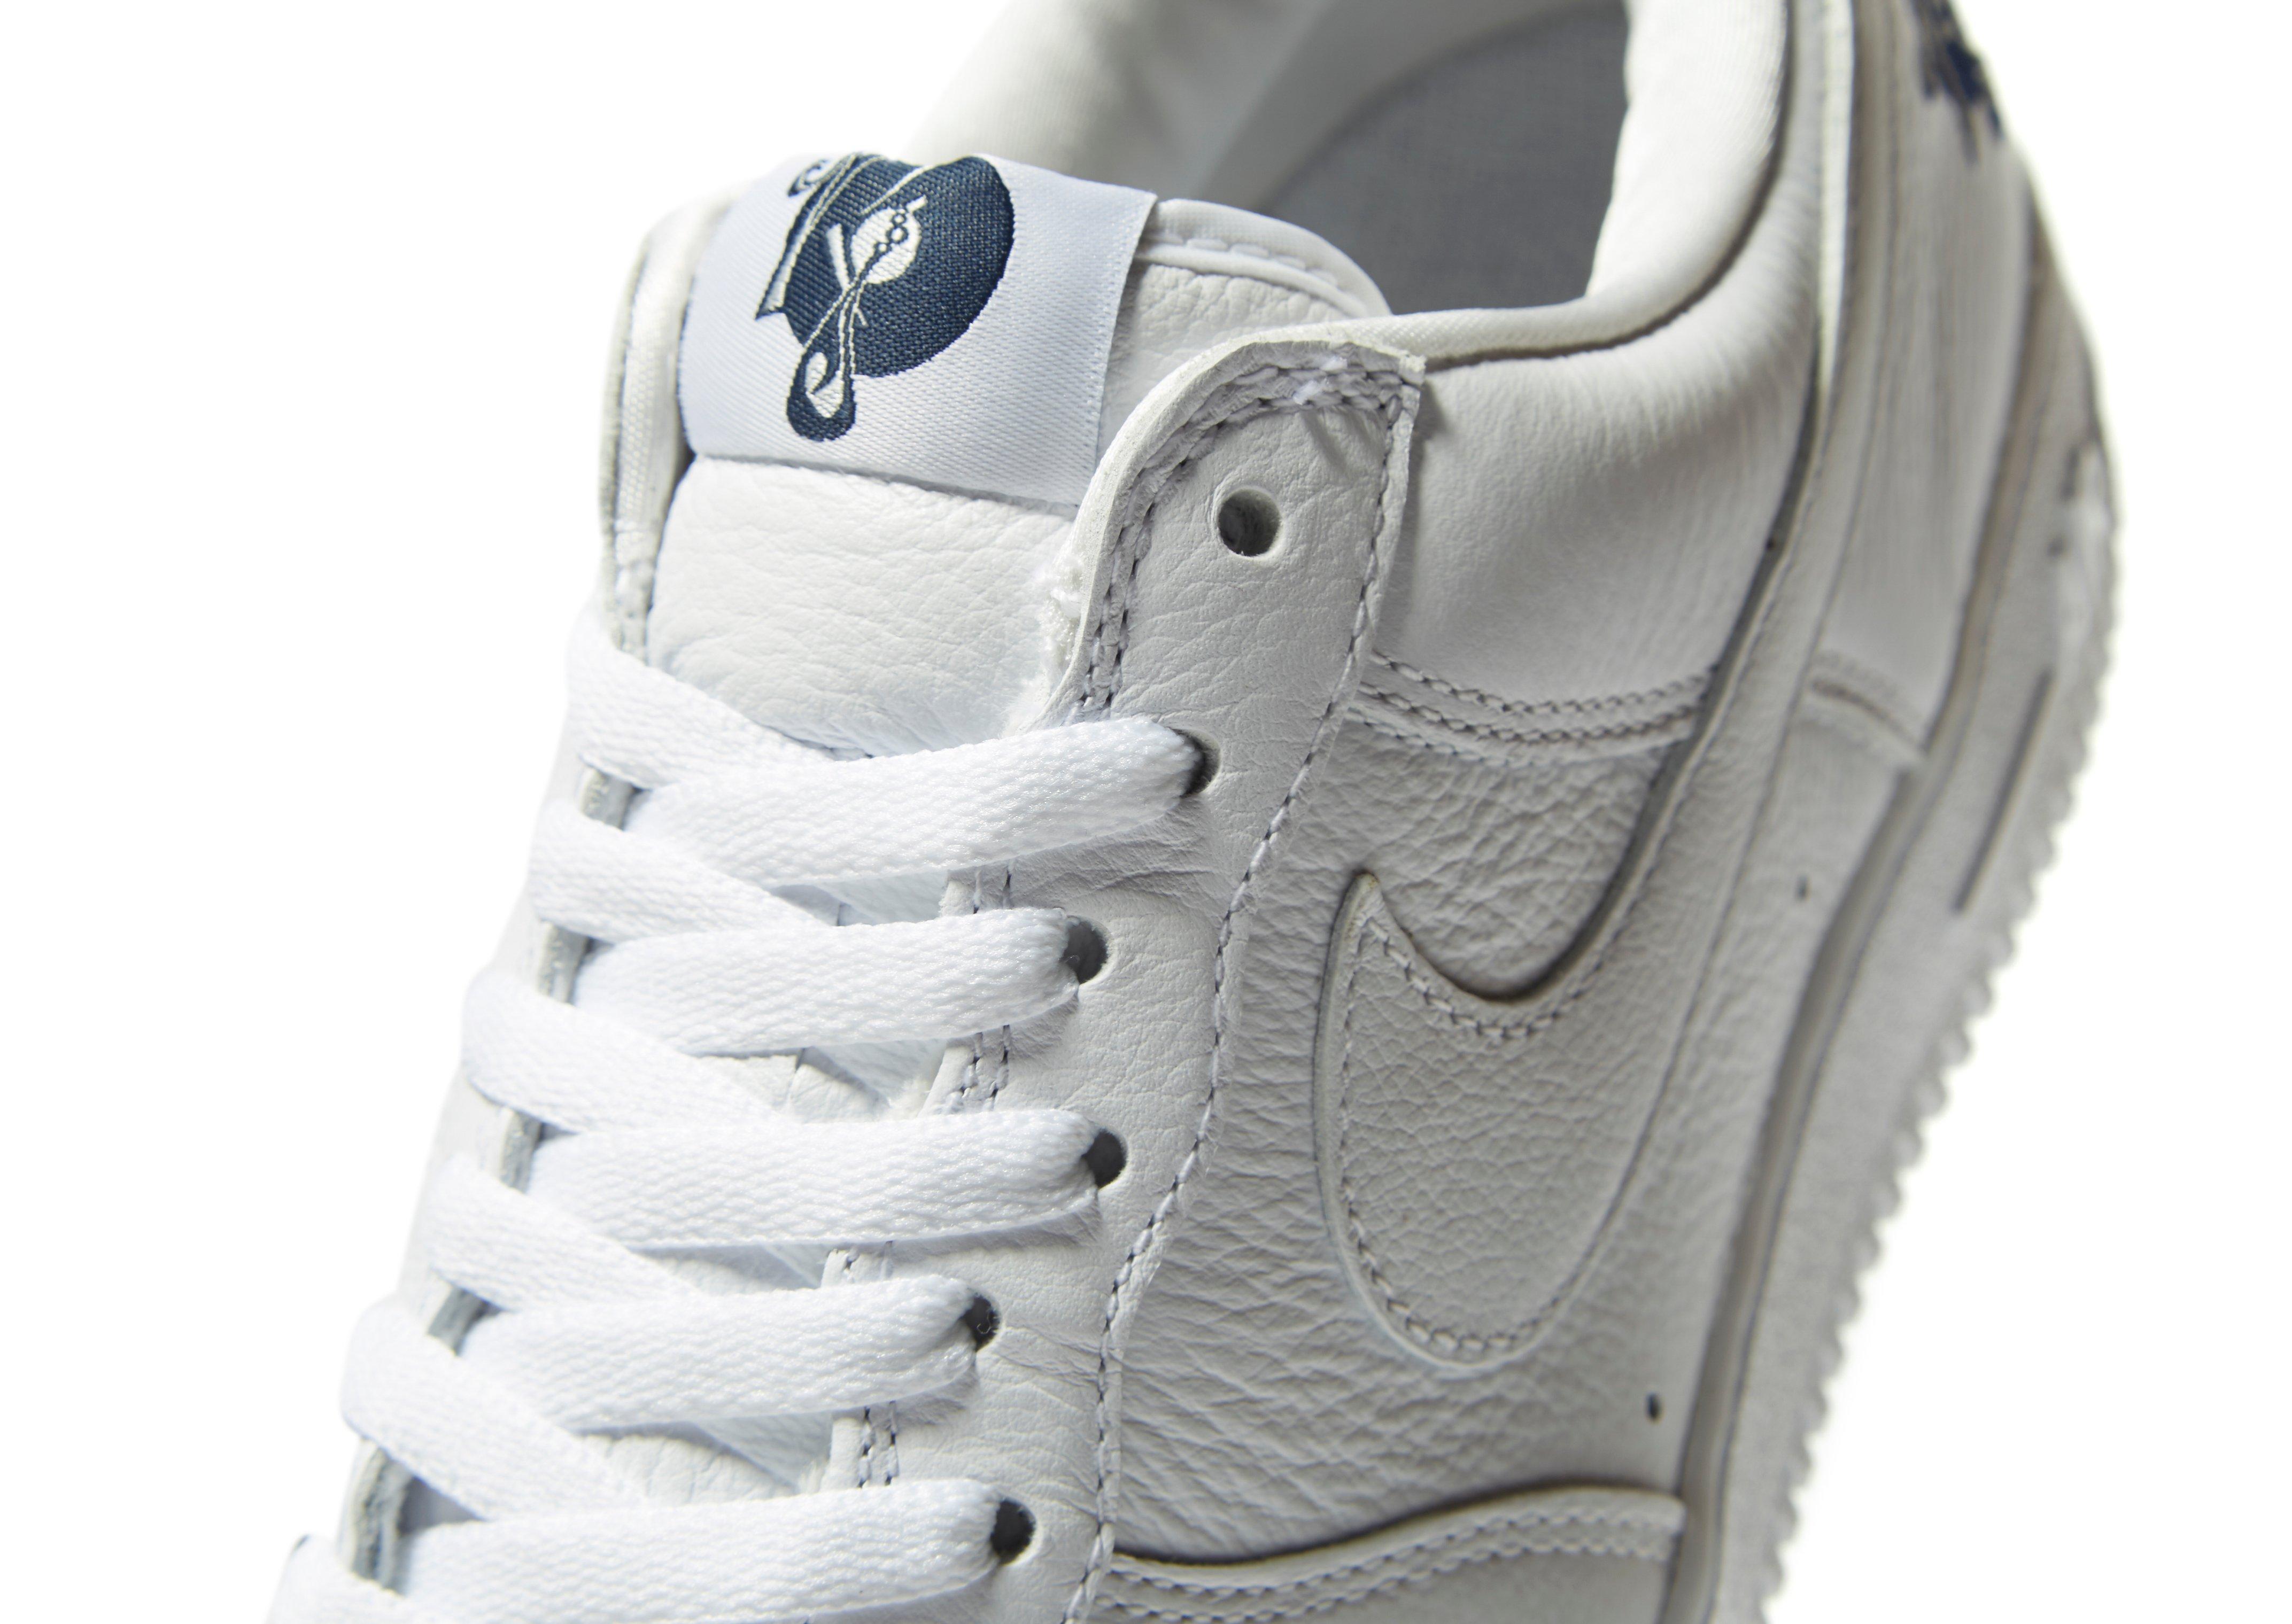 Nike White Air Force 1 '07 Roc a fella Lyst